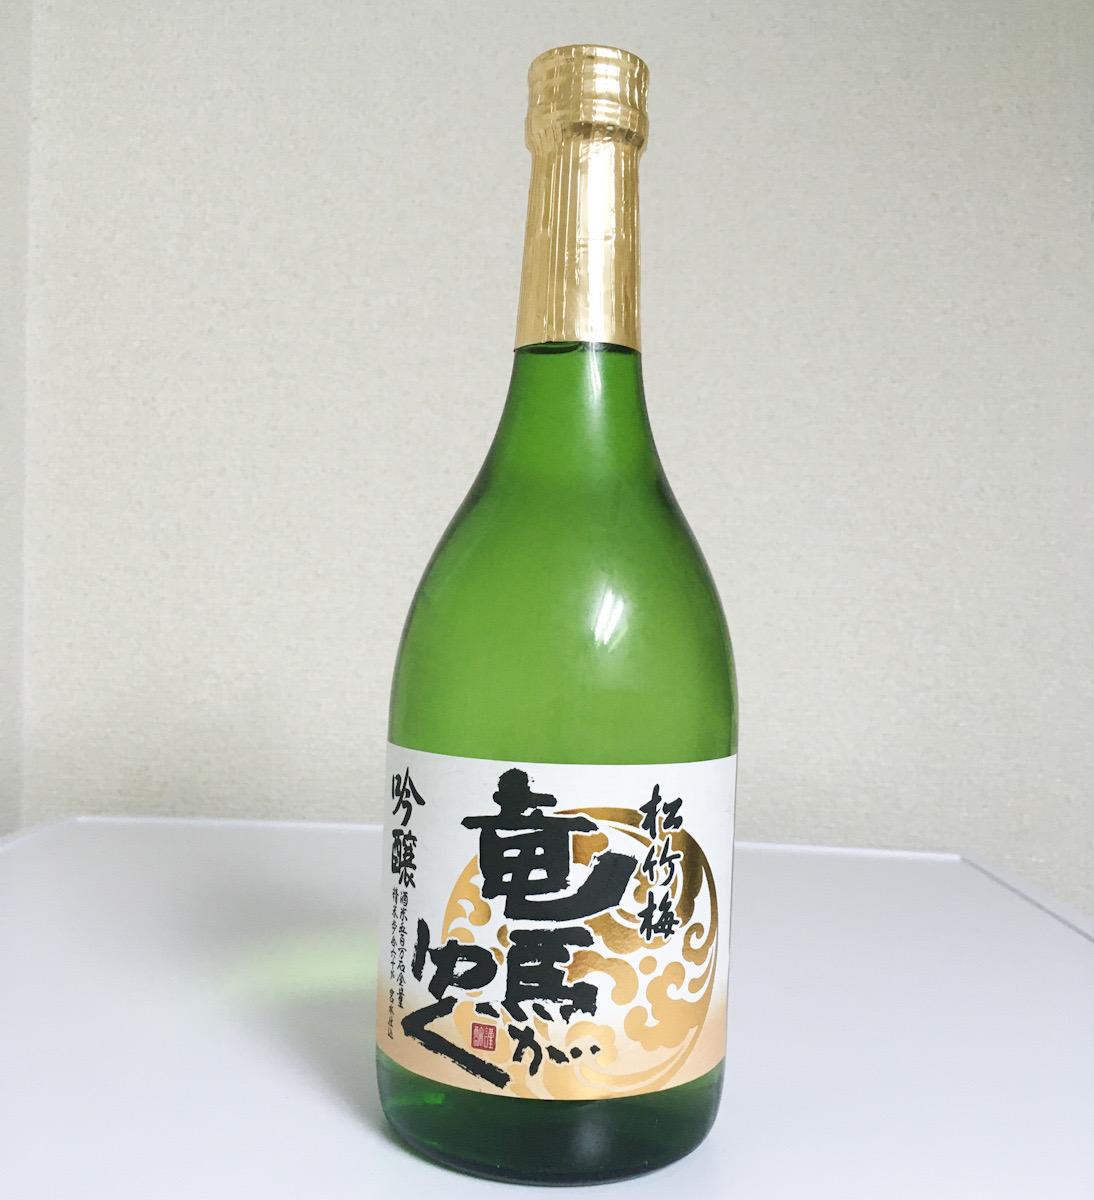 OKストアで売っていた格安日本酒「松竹梅・龍馬がゆく・吟醸」を飲んでみた